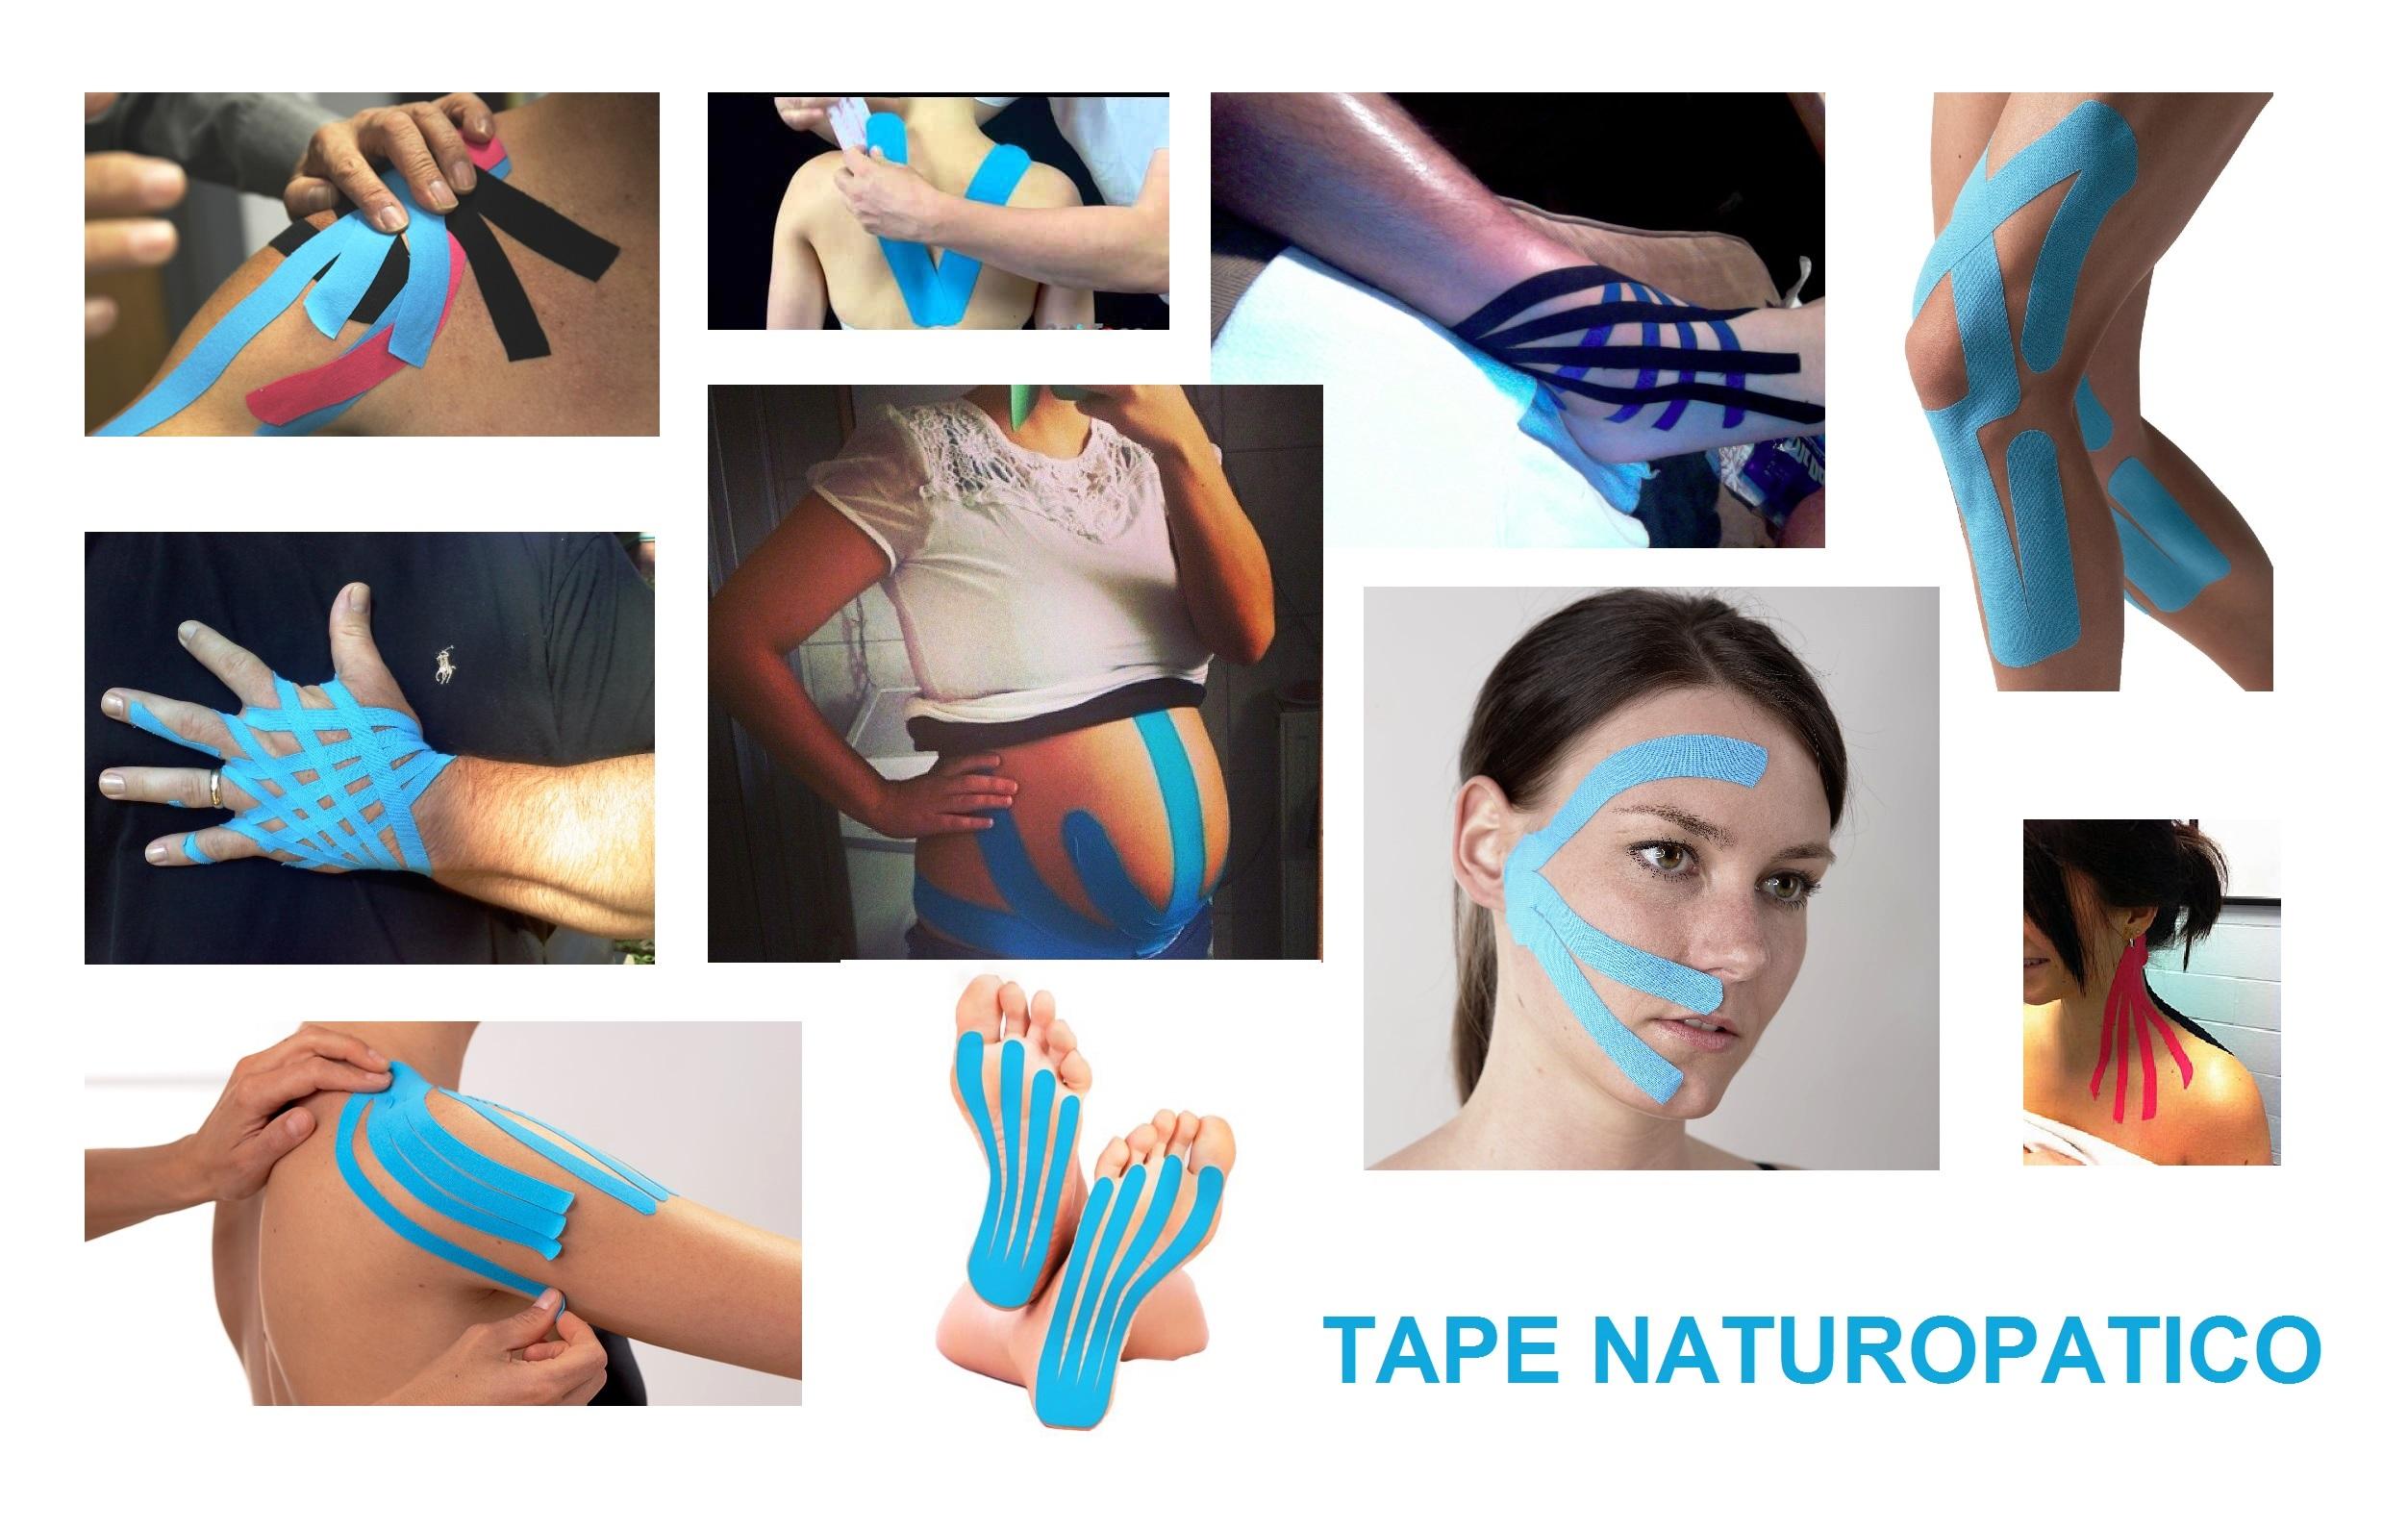 tape-naturopatico-en-la-escuela-internacional-naturopatia